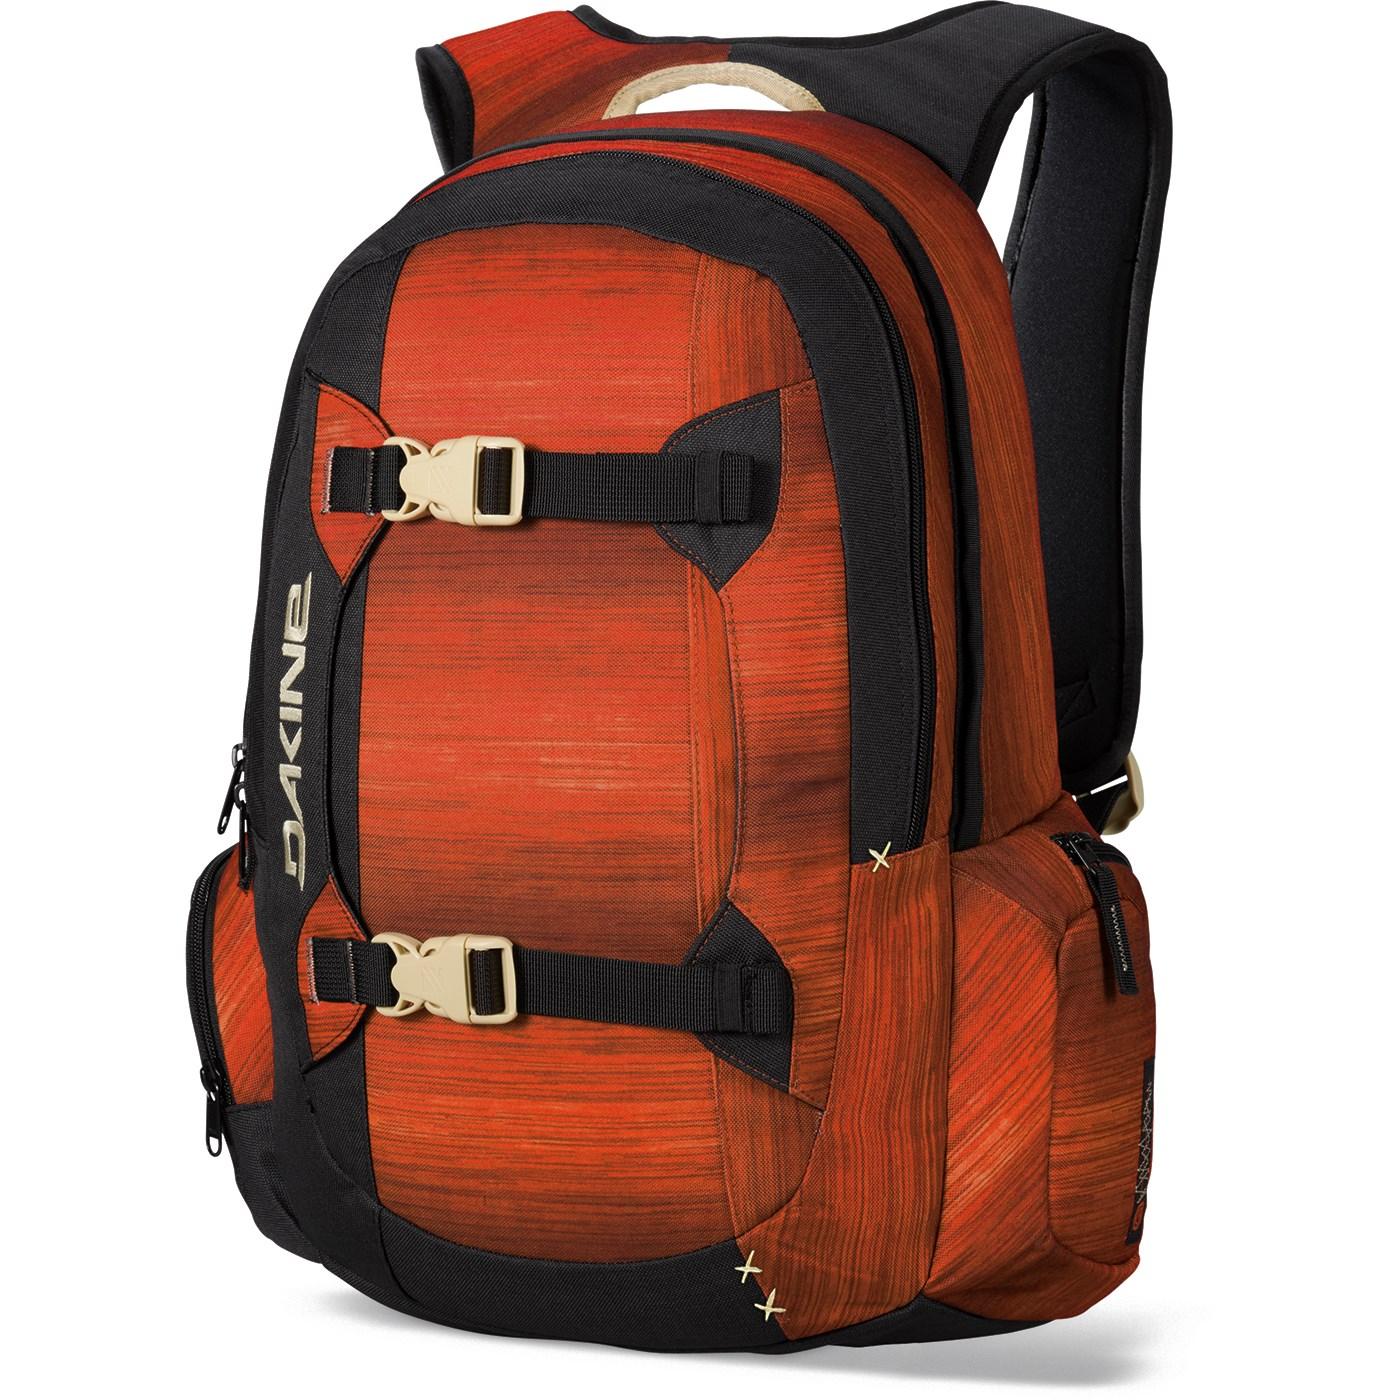 DaKine Elias Elhardt Team Mission Backpack 25L   evo outlet